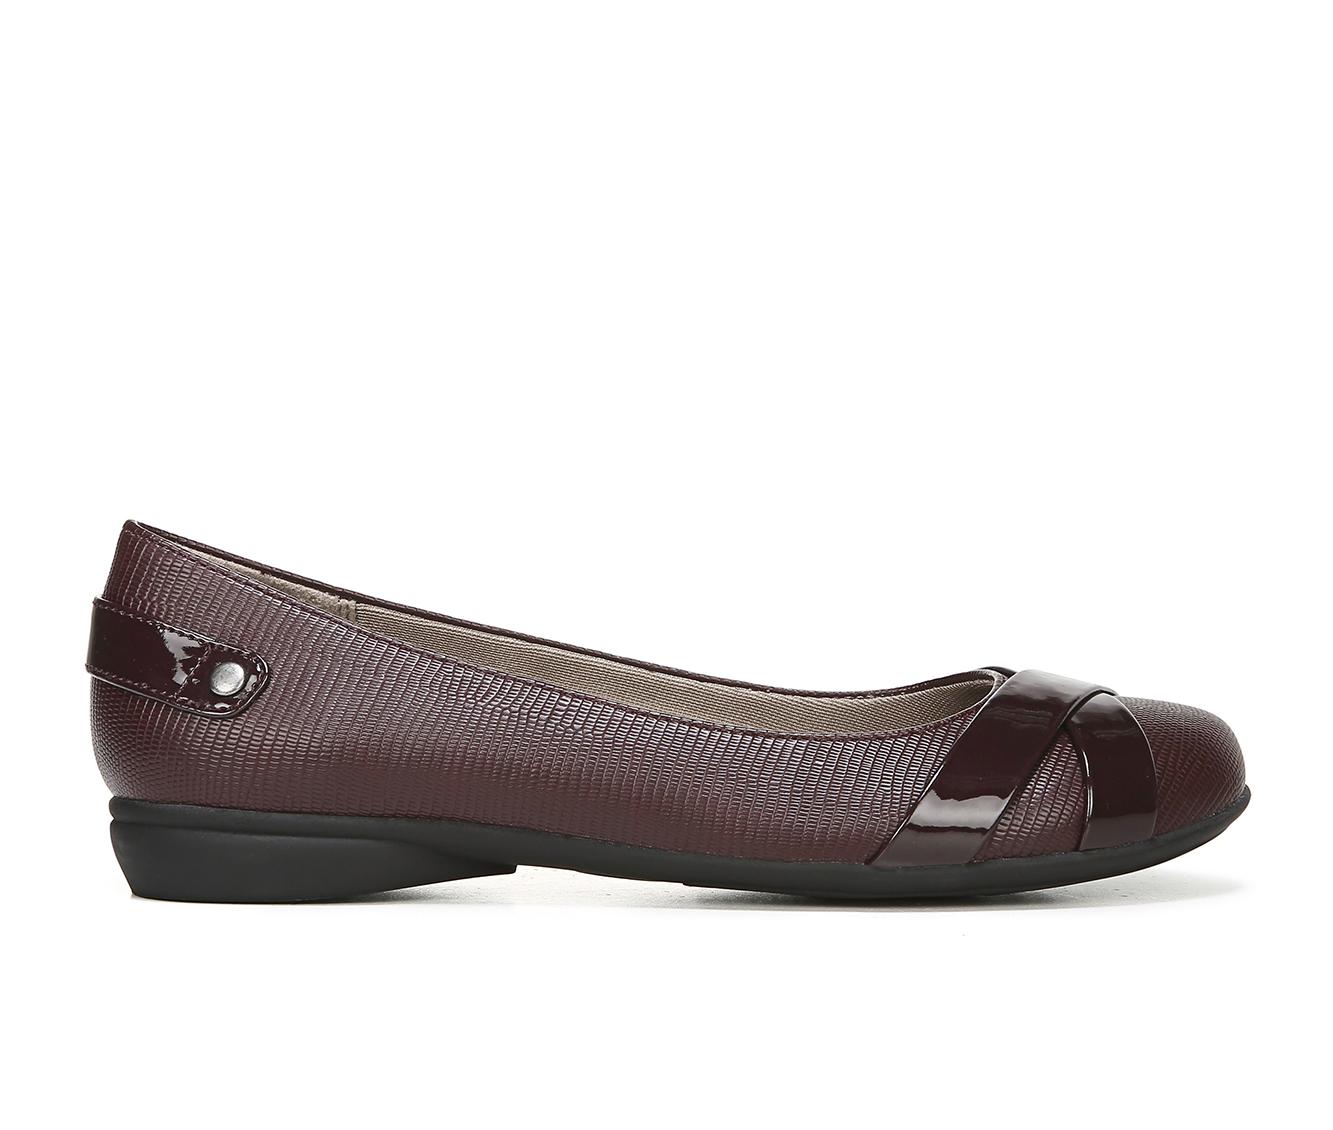 LifeStride Adalene Women's Shoe (Red Faux Leather)